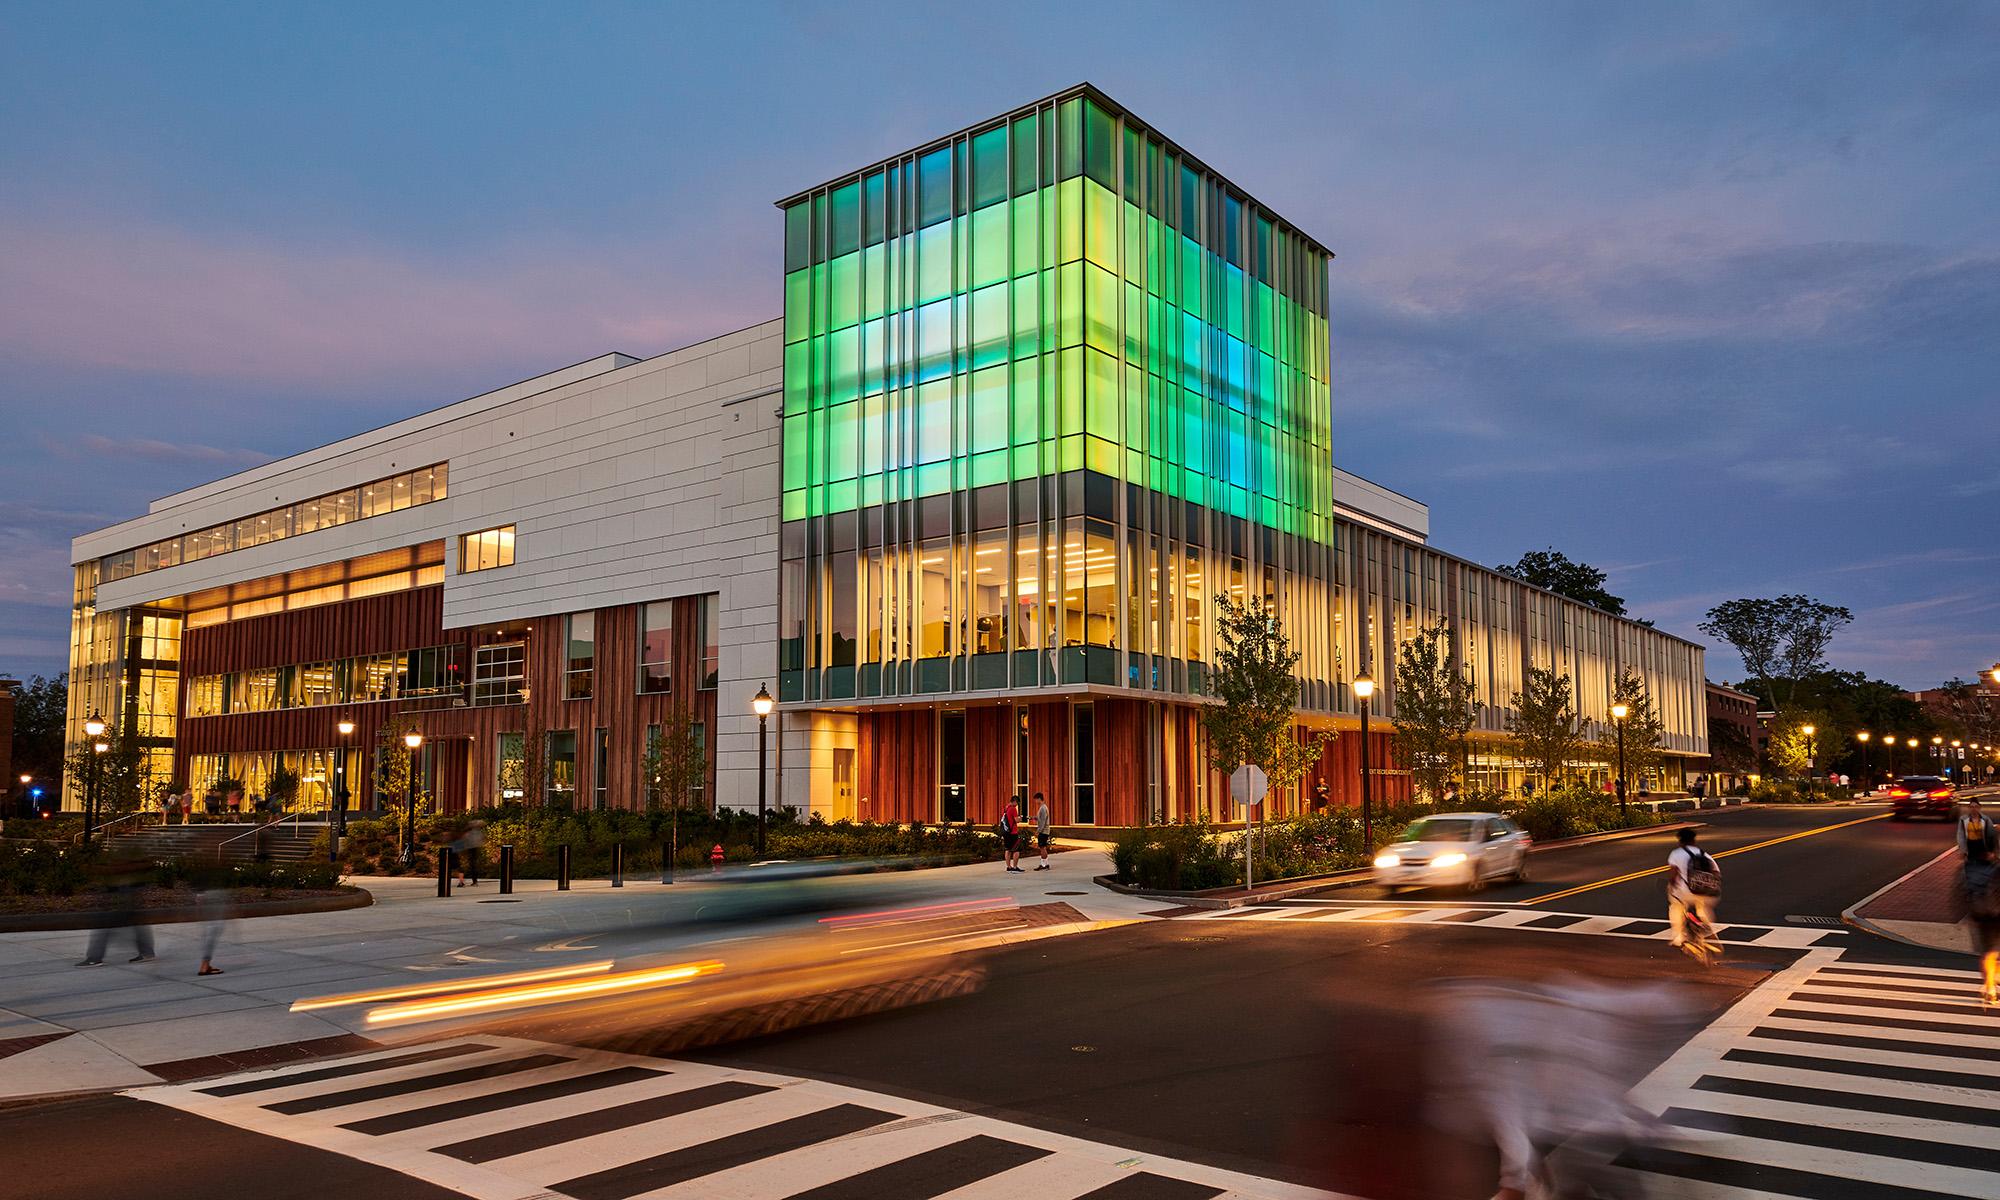 UConn's new Rec Center opens.